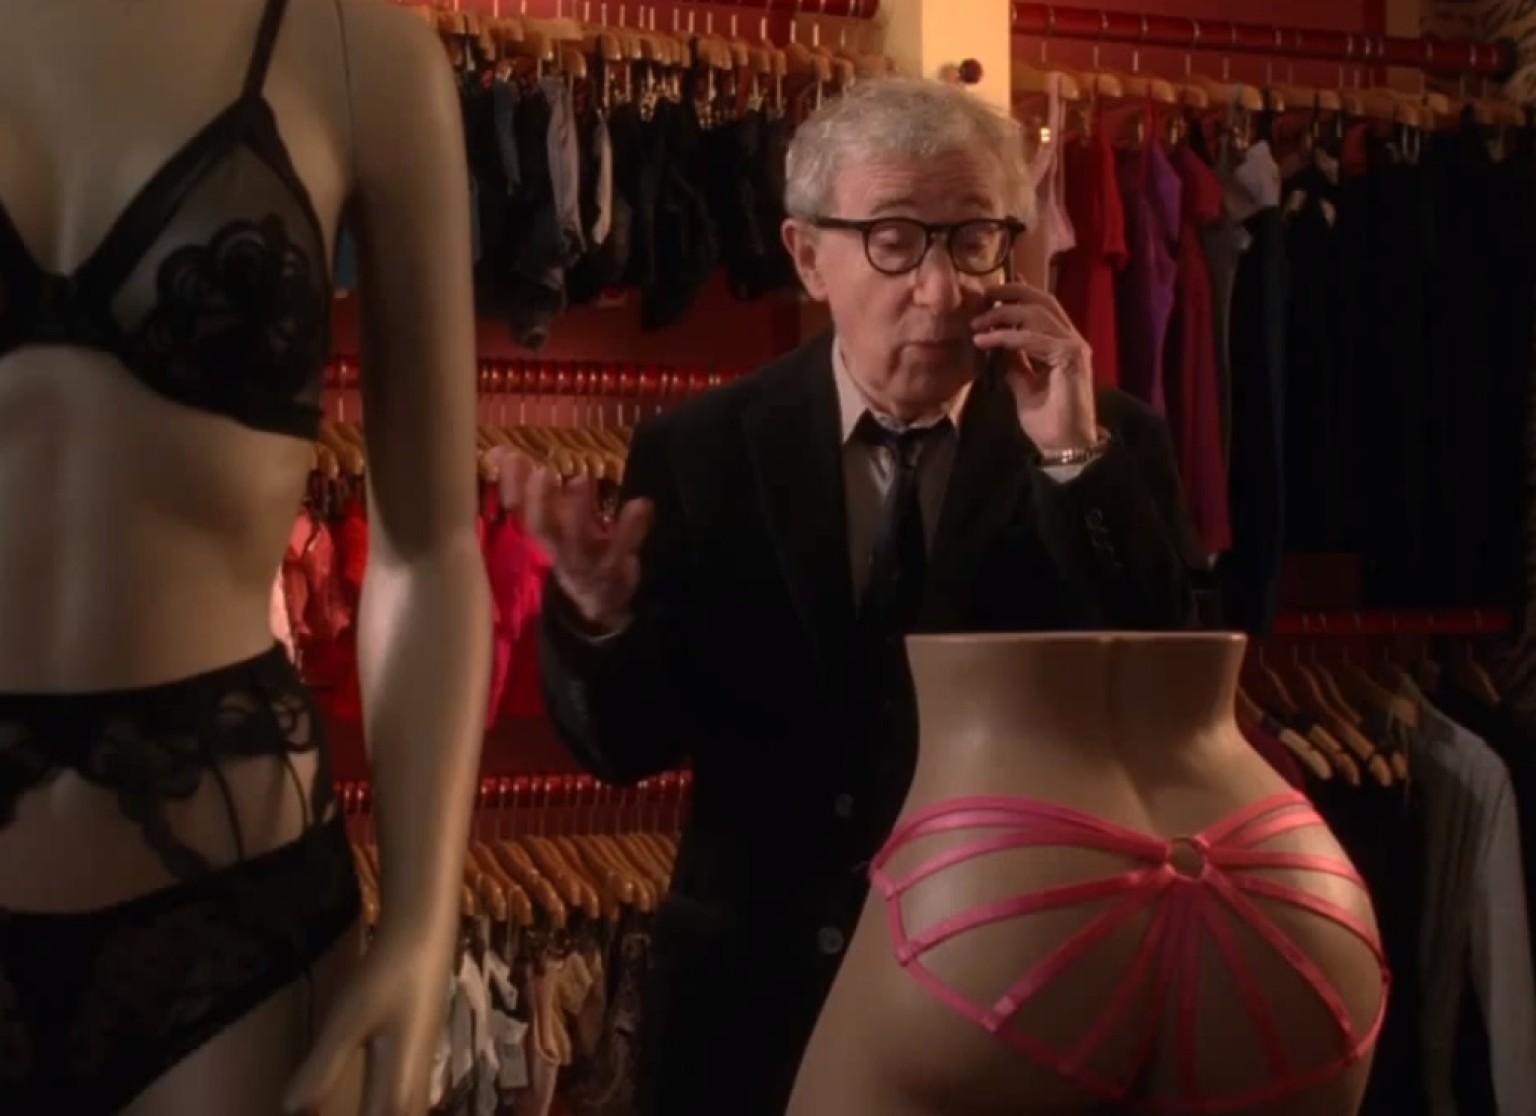 porno italuani sex porno xxxl